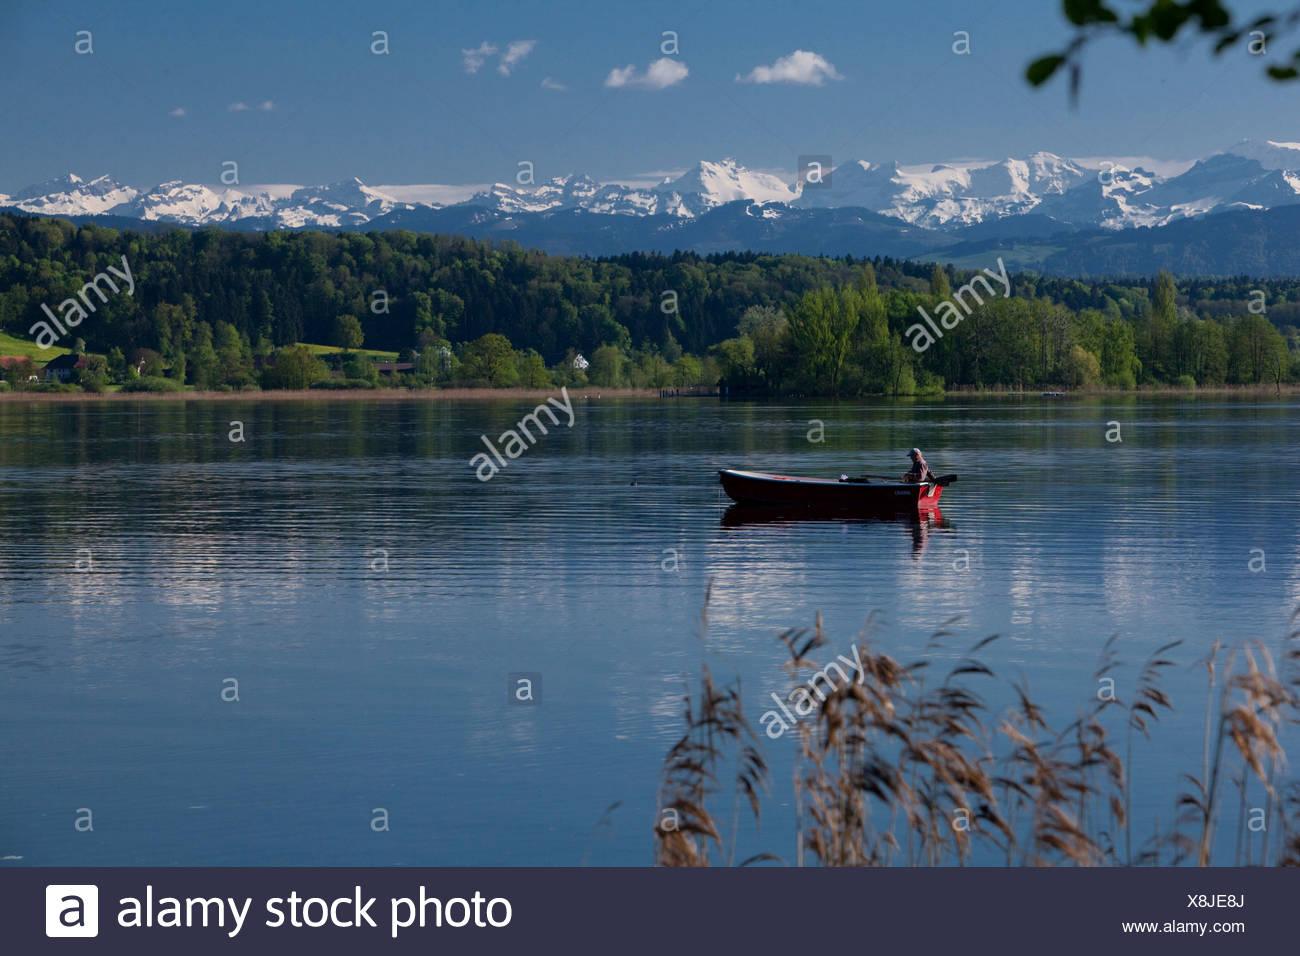 La Svizzera, Europa, lago, nave, barca, navi, barche, Alpi, Canton, ZH, Zurigo, molla, Greifensee, Lago di Greifen, barca Immagini Stock